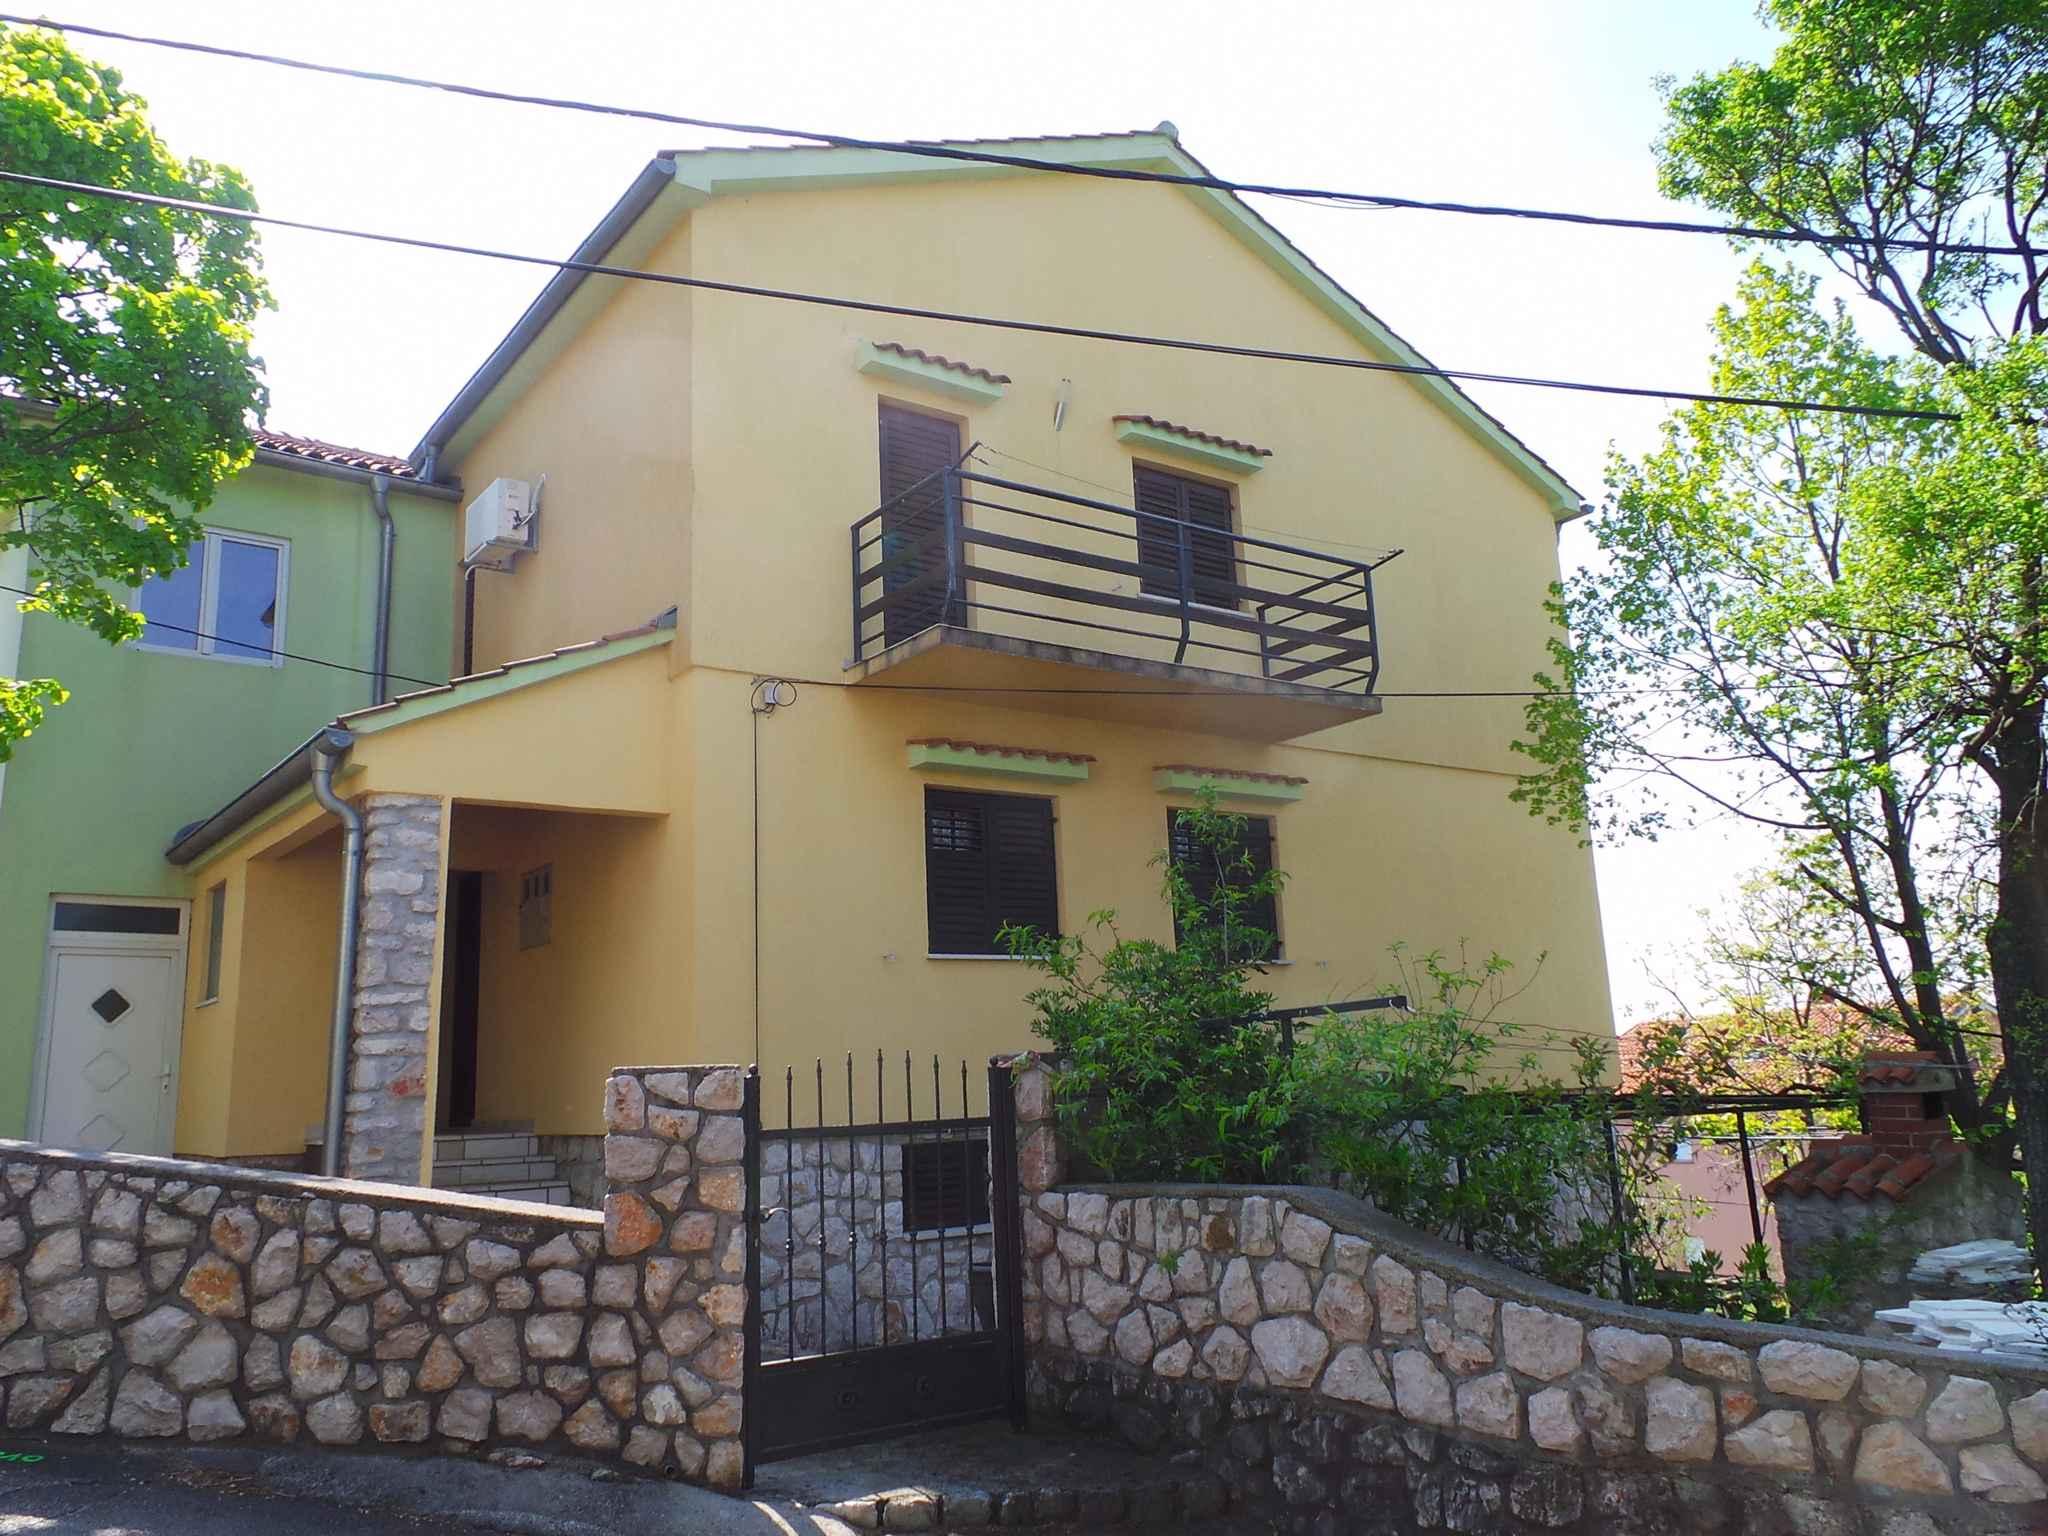 Ferienwohnung mit Meerblick und Grillmöglichkeit (968403), Kraljevica, , Kvarner, Kroatien, Bild 2